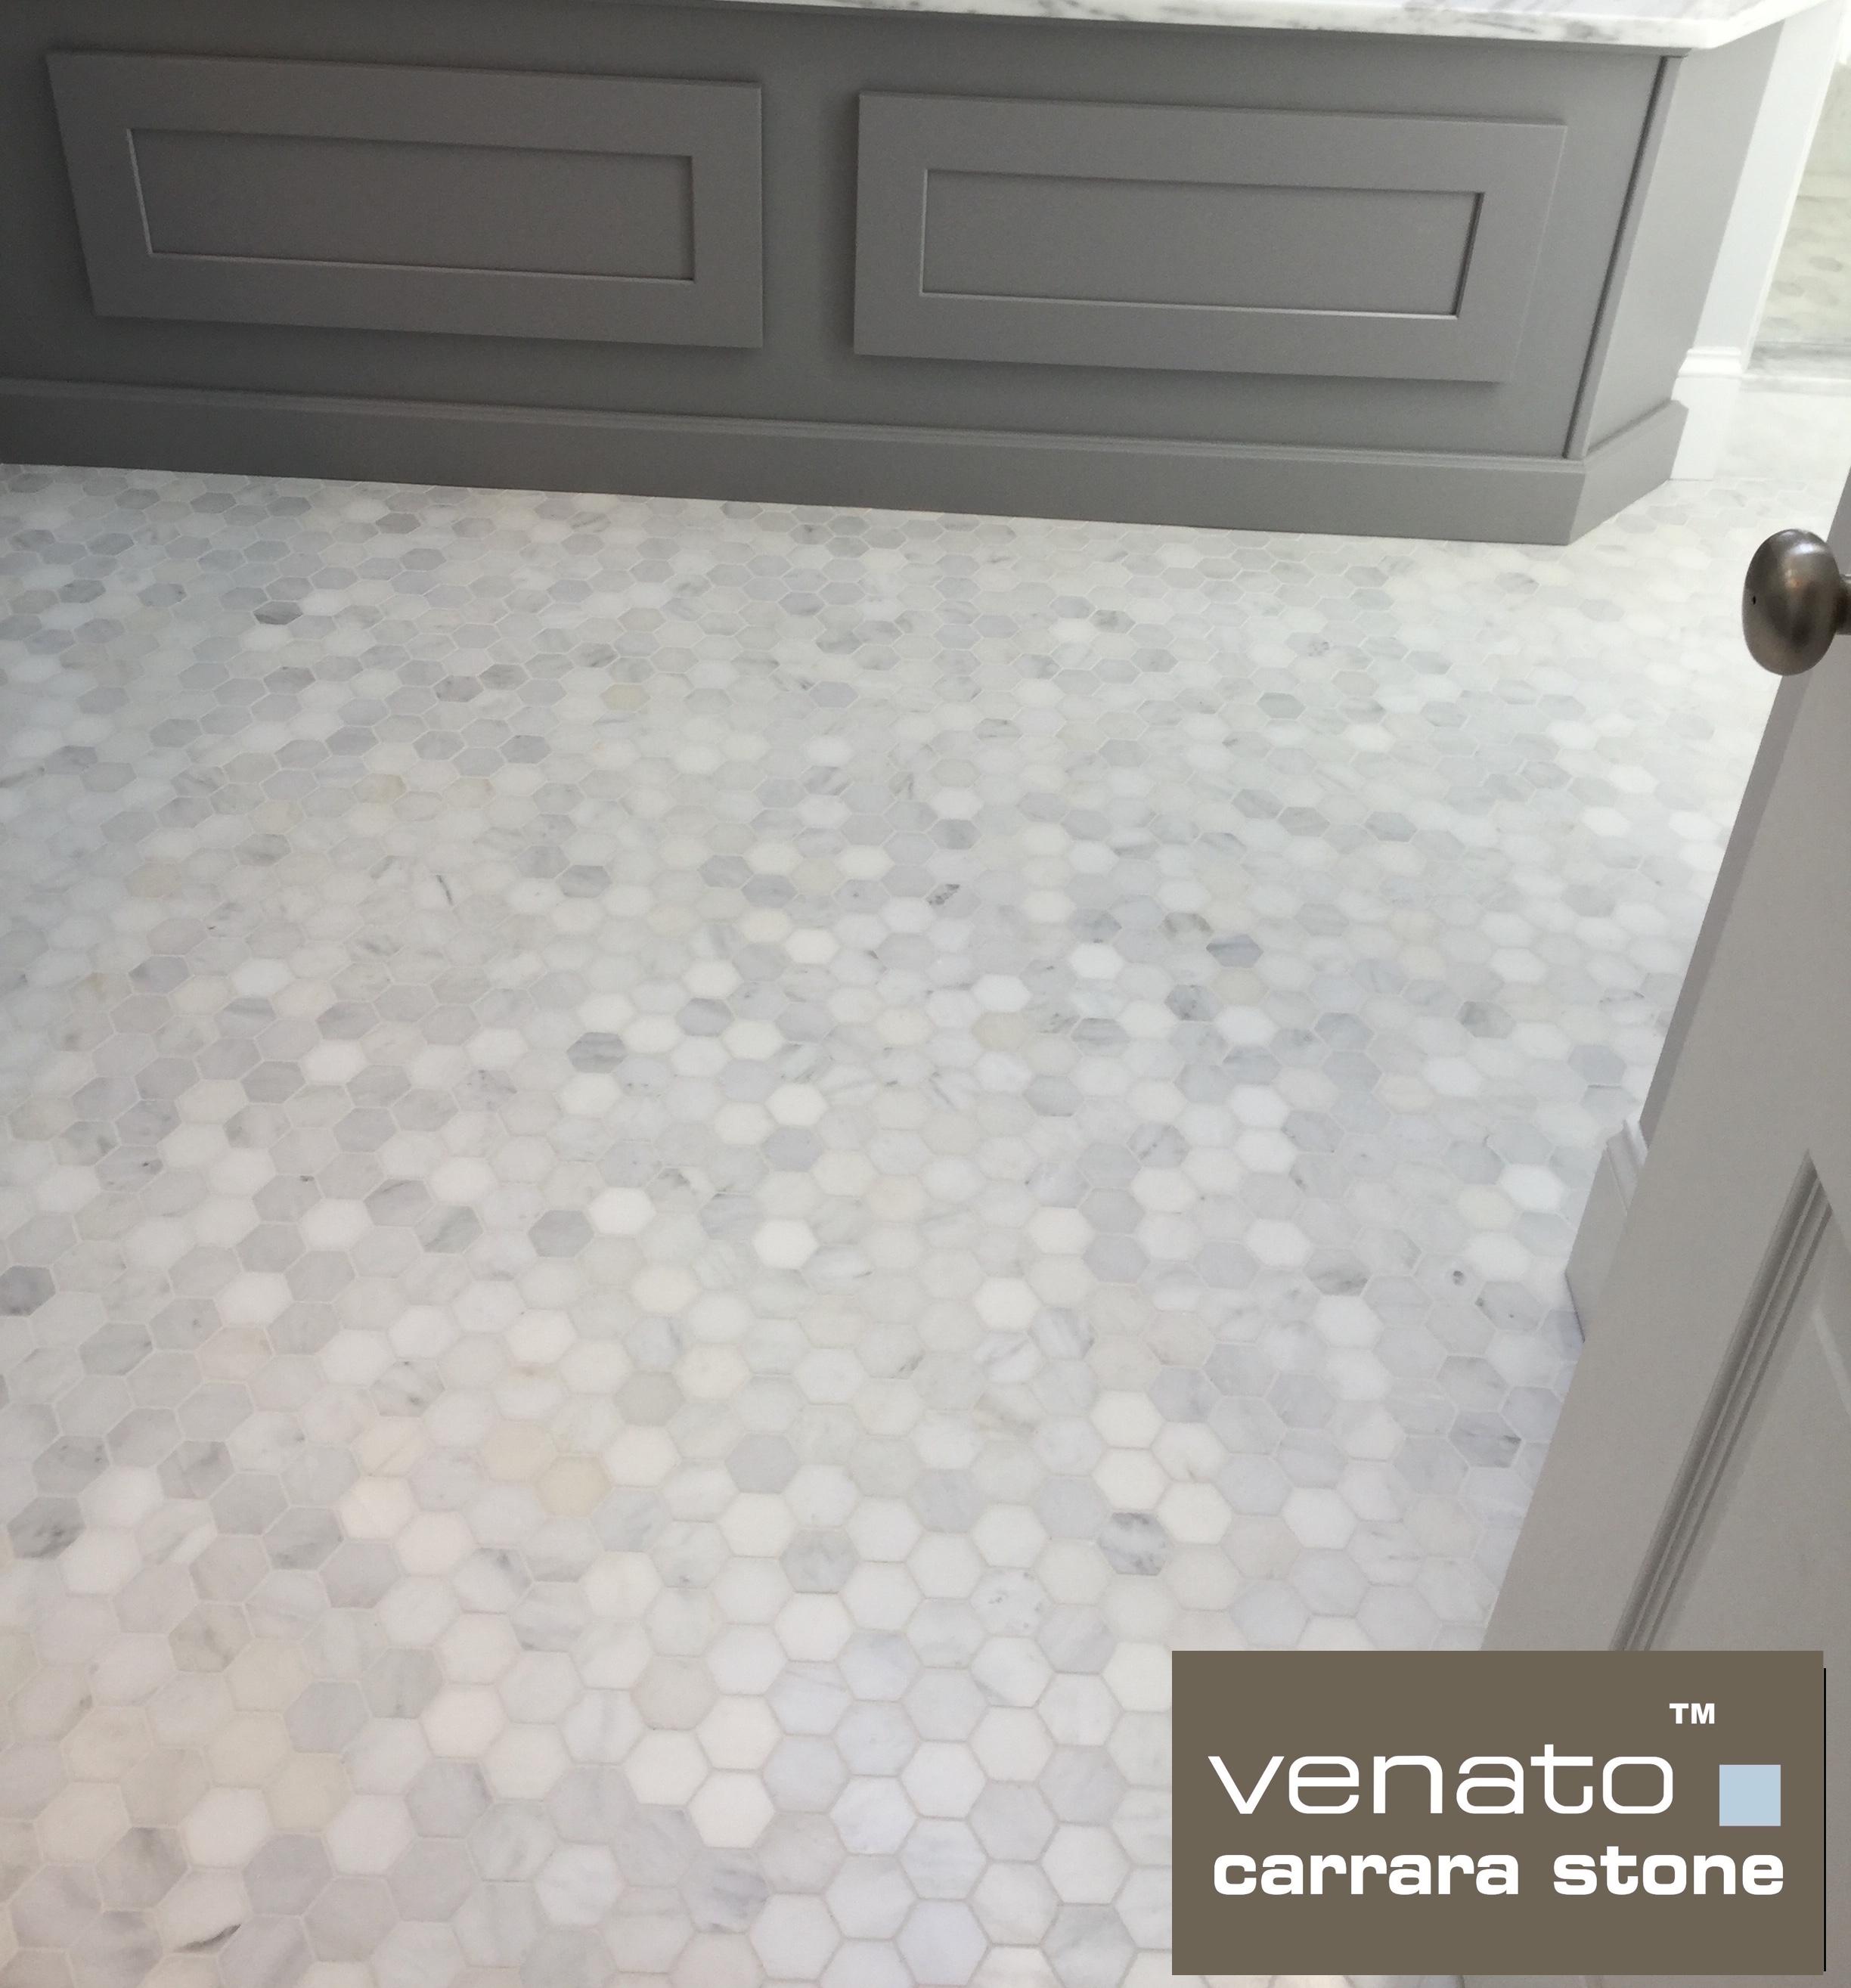 venato-hex-floor